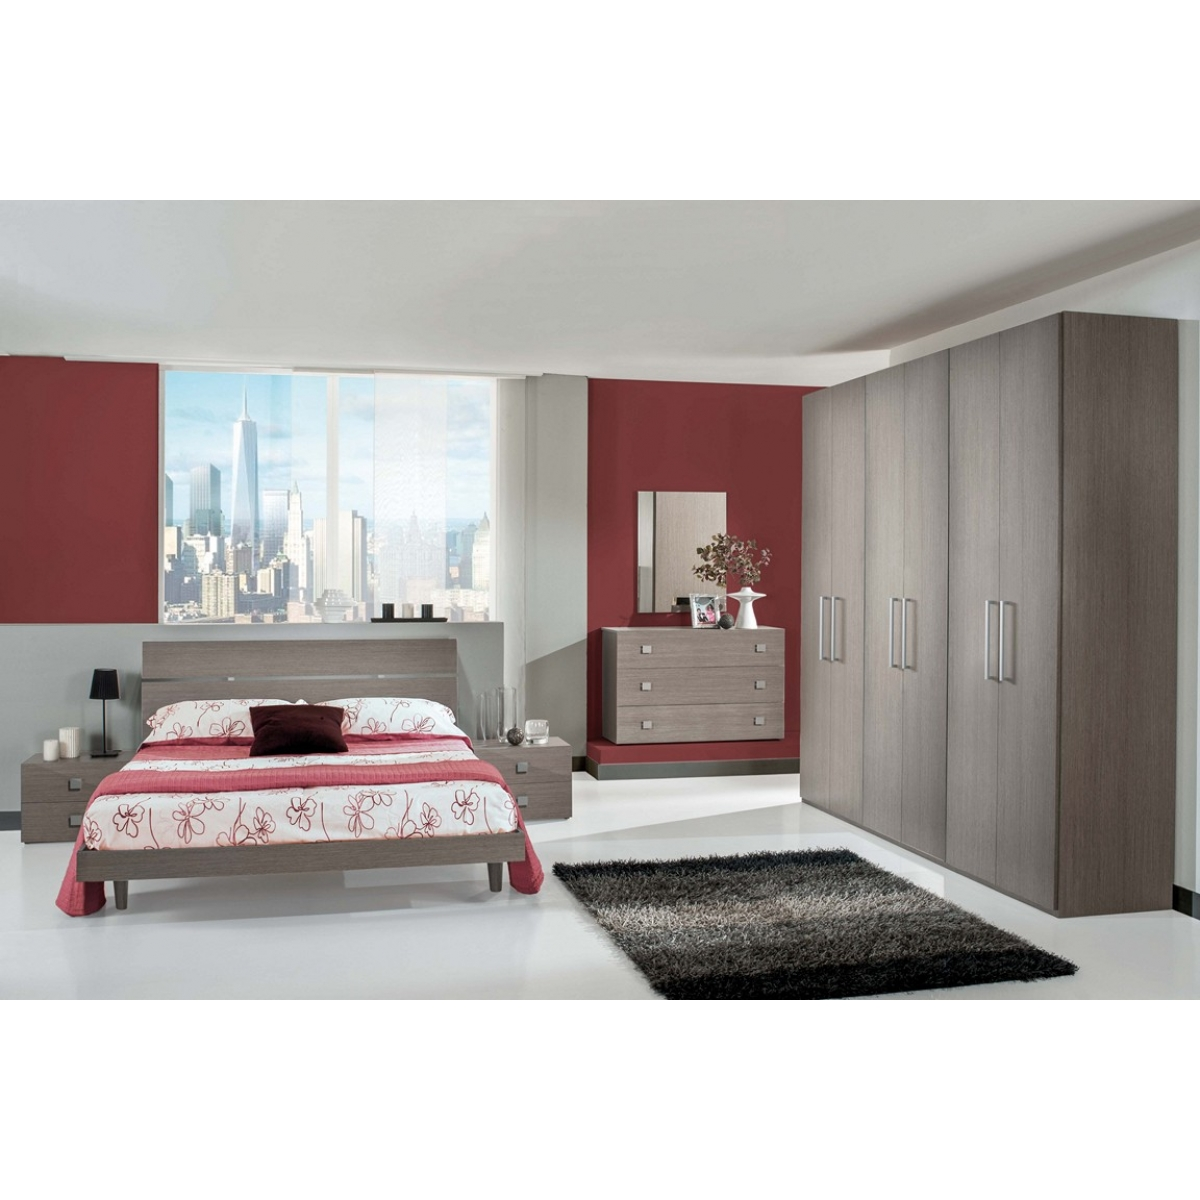 843 camera da letto completa moderna - Camera da letto moderna completa ...